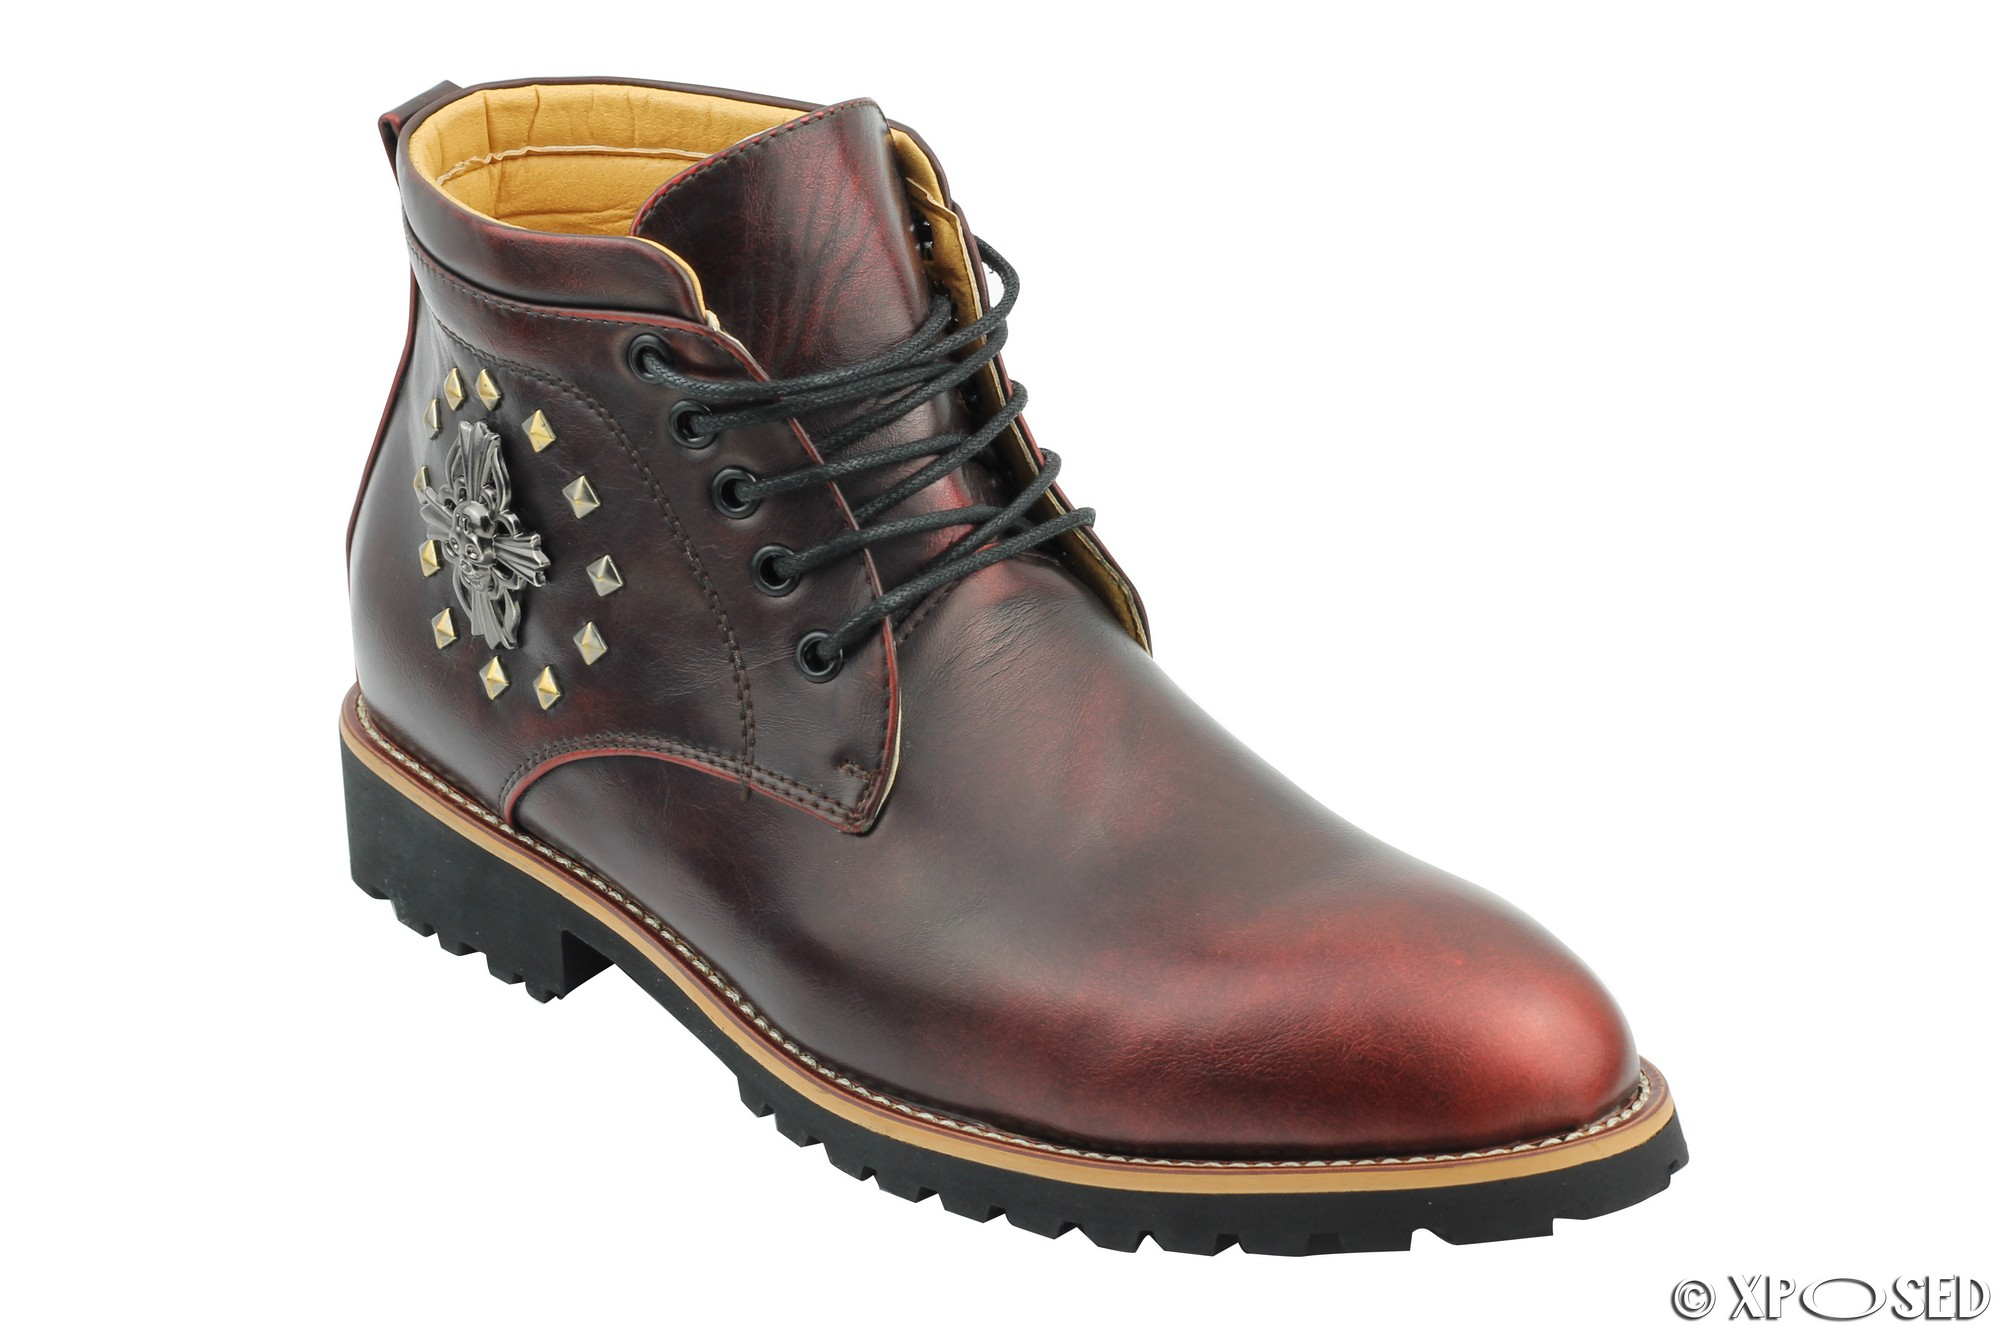 Nuevo Para hombres Cuero Sintético bootssmart Informales con Cordones Tobillo Zapatos Talla 6 7 8 9 10 11